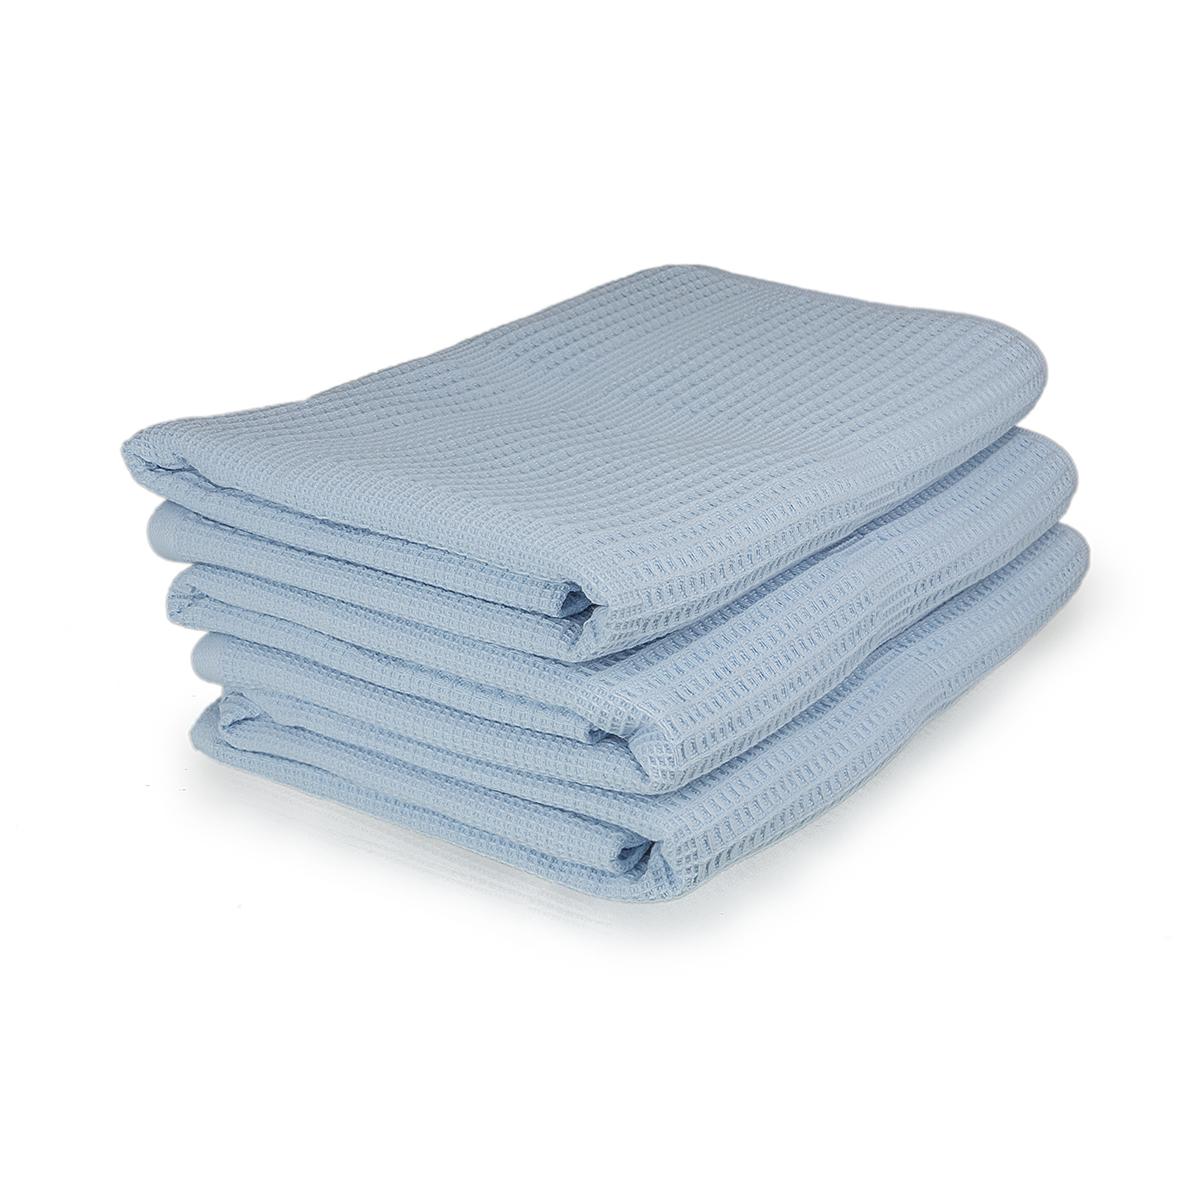 Полотенца Комфорт, цвет Розовый, размер 34х78 смМахровые полотенца<br>Плотность ткани:380 г/кв. м.<br><br>Тип: Полотенце<br>Размер: 34х78<br>Материал: Вафельное полотно